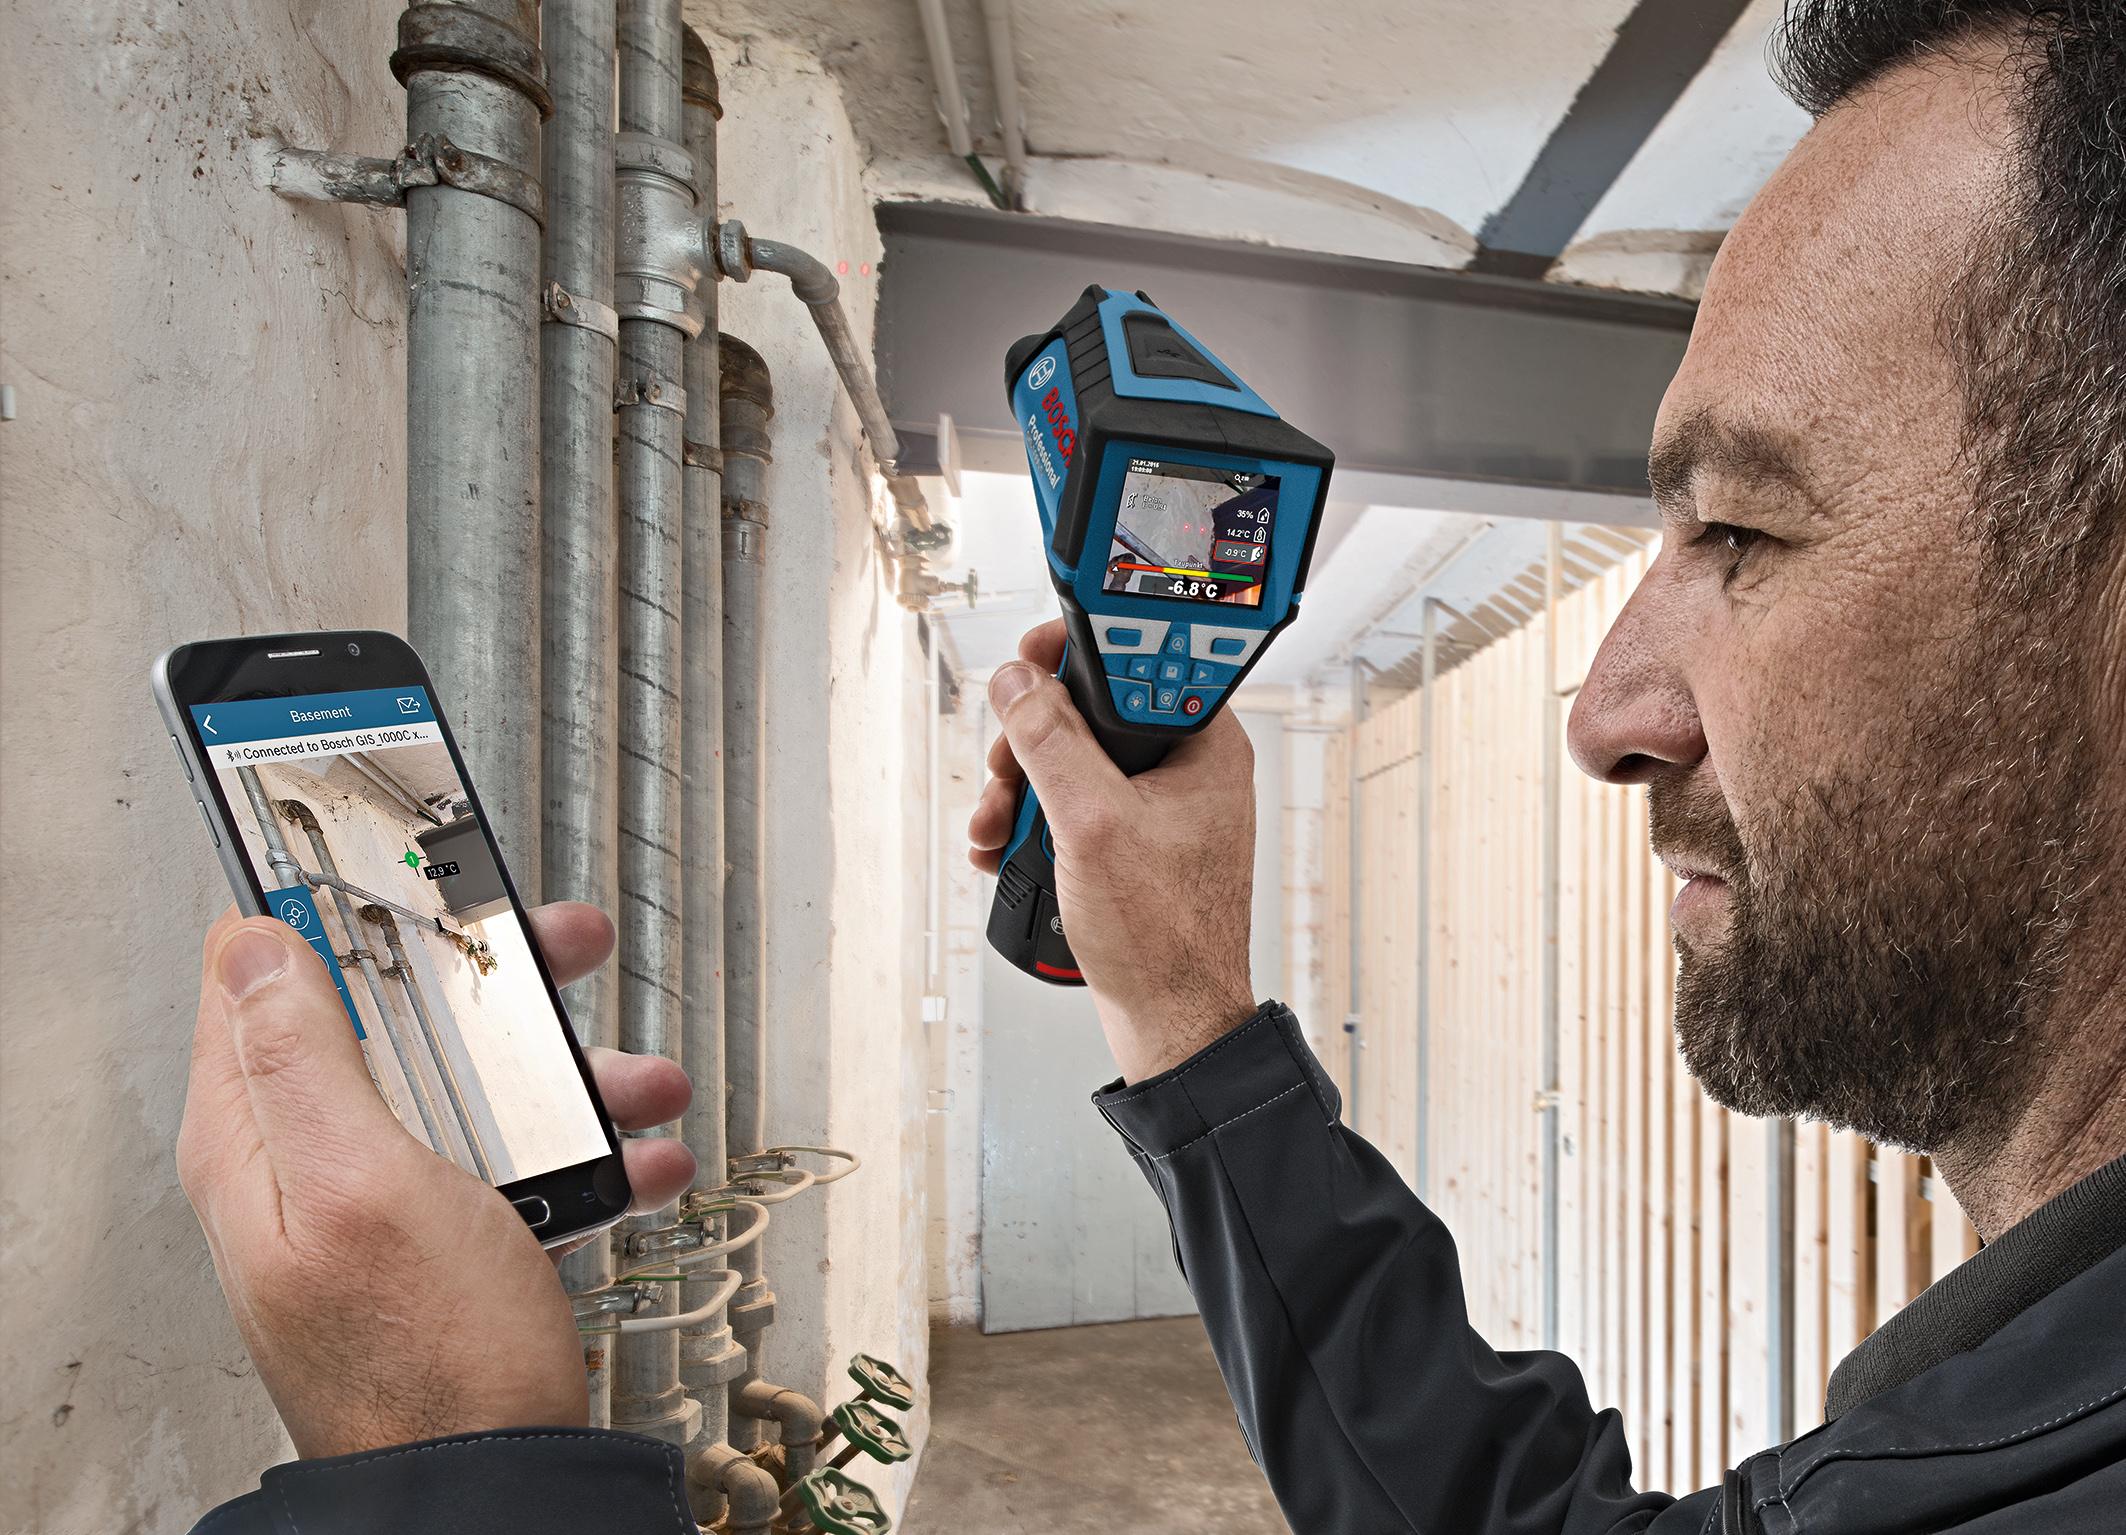 Bosch Entfernungsmesser Glm 50 C Test : Bosch entfernungsmesser glm 50 c app: trena a laser da